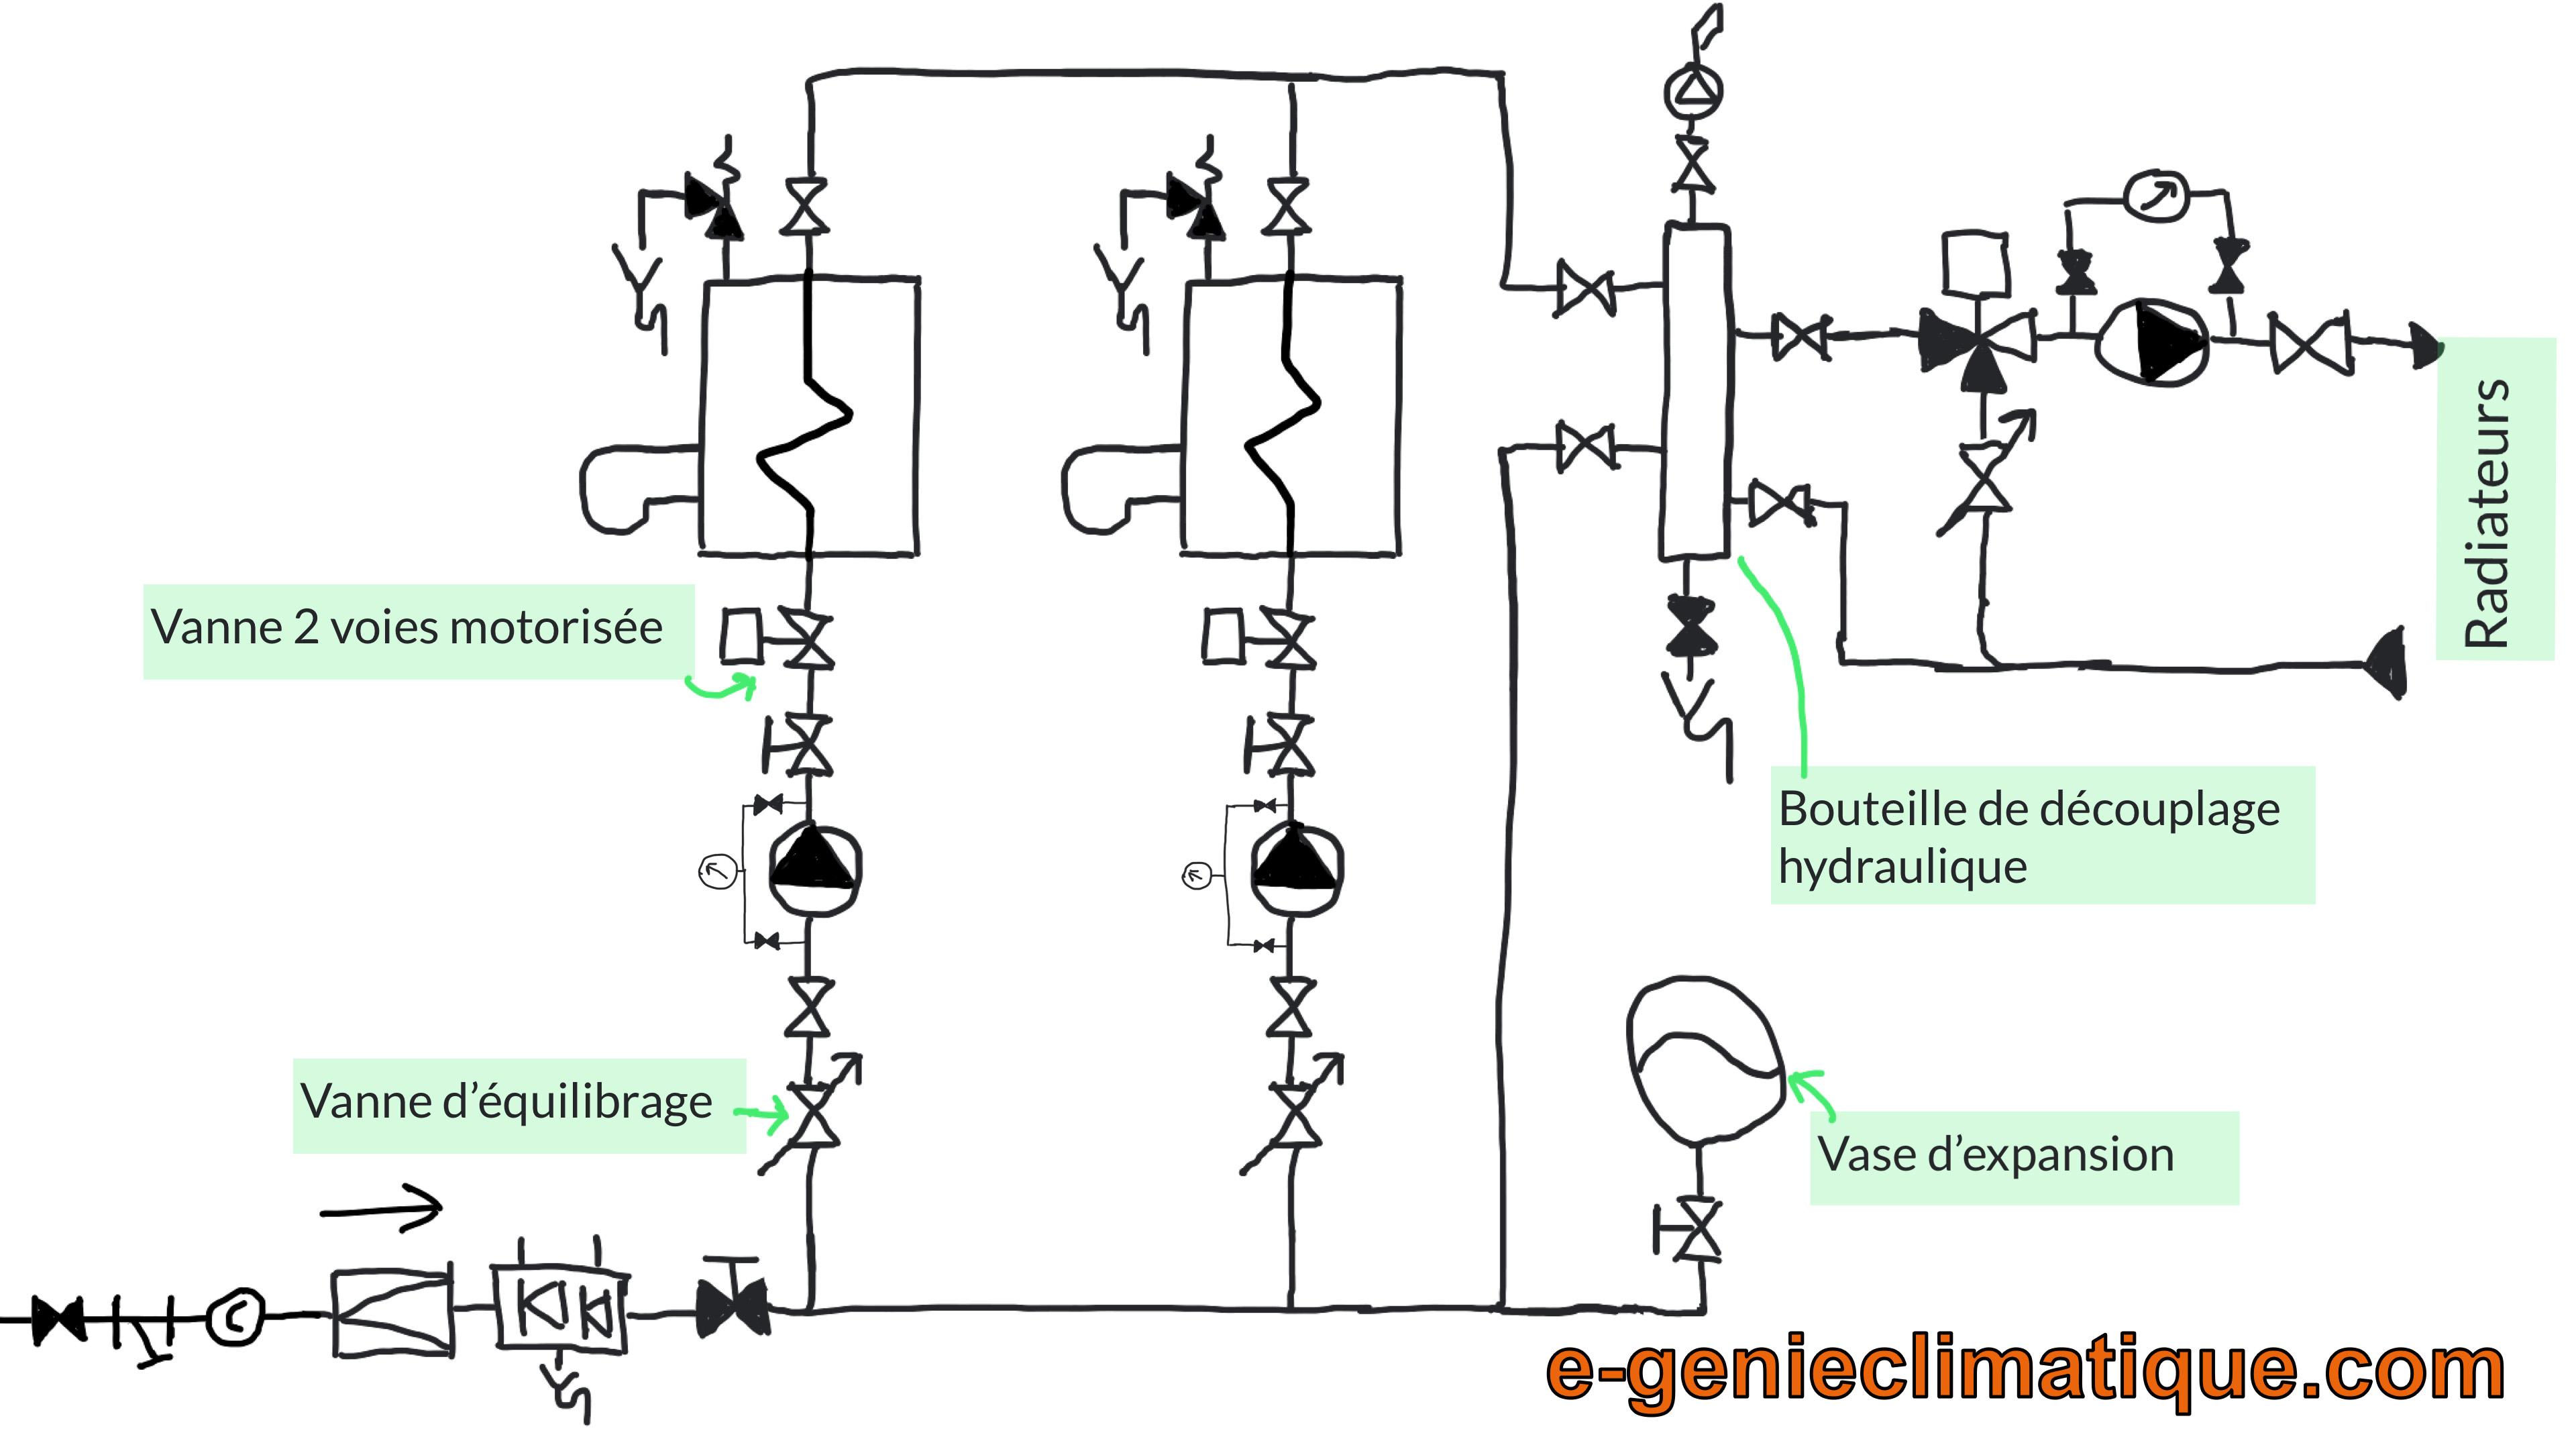 8f6eebe682882a 2.1 Schéma hydraulique de principe chaufferie avec bouteille de découplage  hydraulique